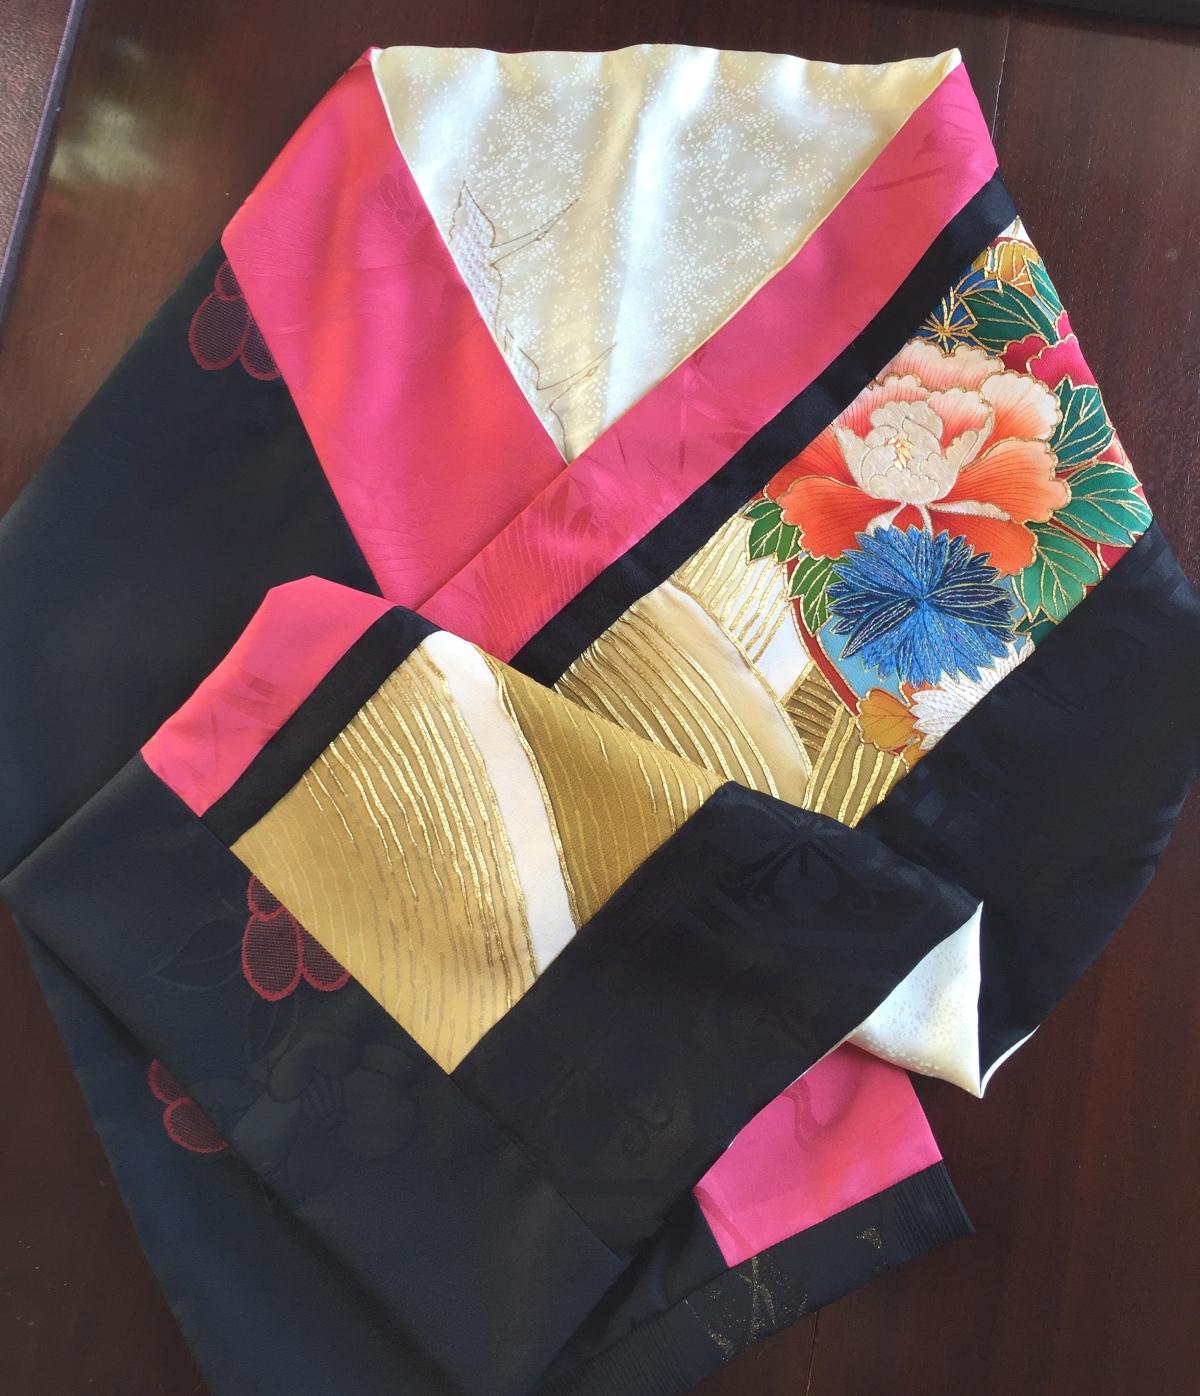 Here's a beauty: a kimono scarf step bystep